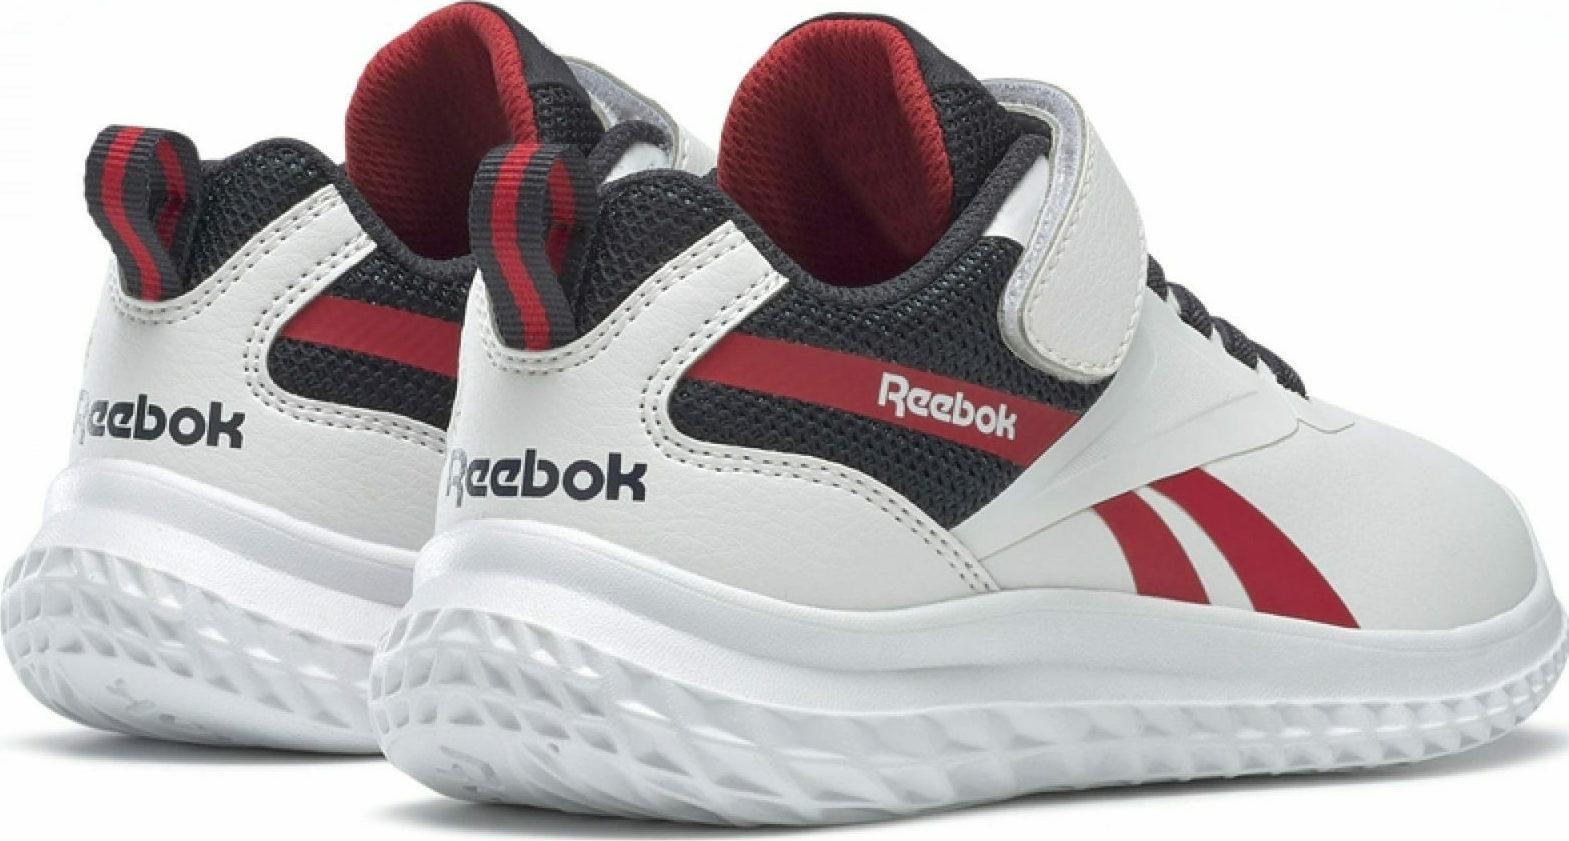 REEBOK RUSH RUNNER 3.0 FV0403